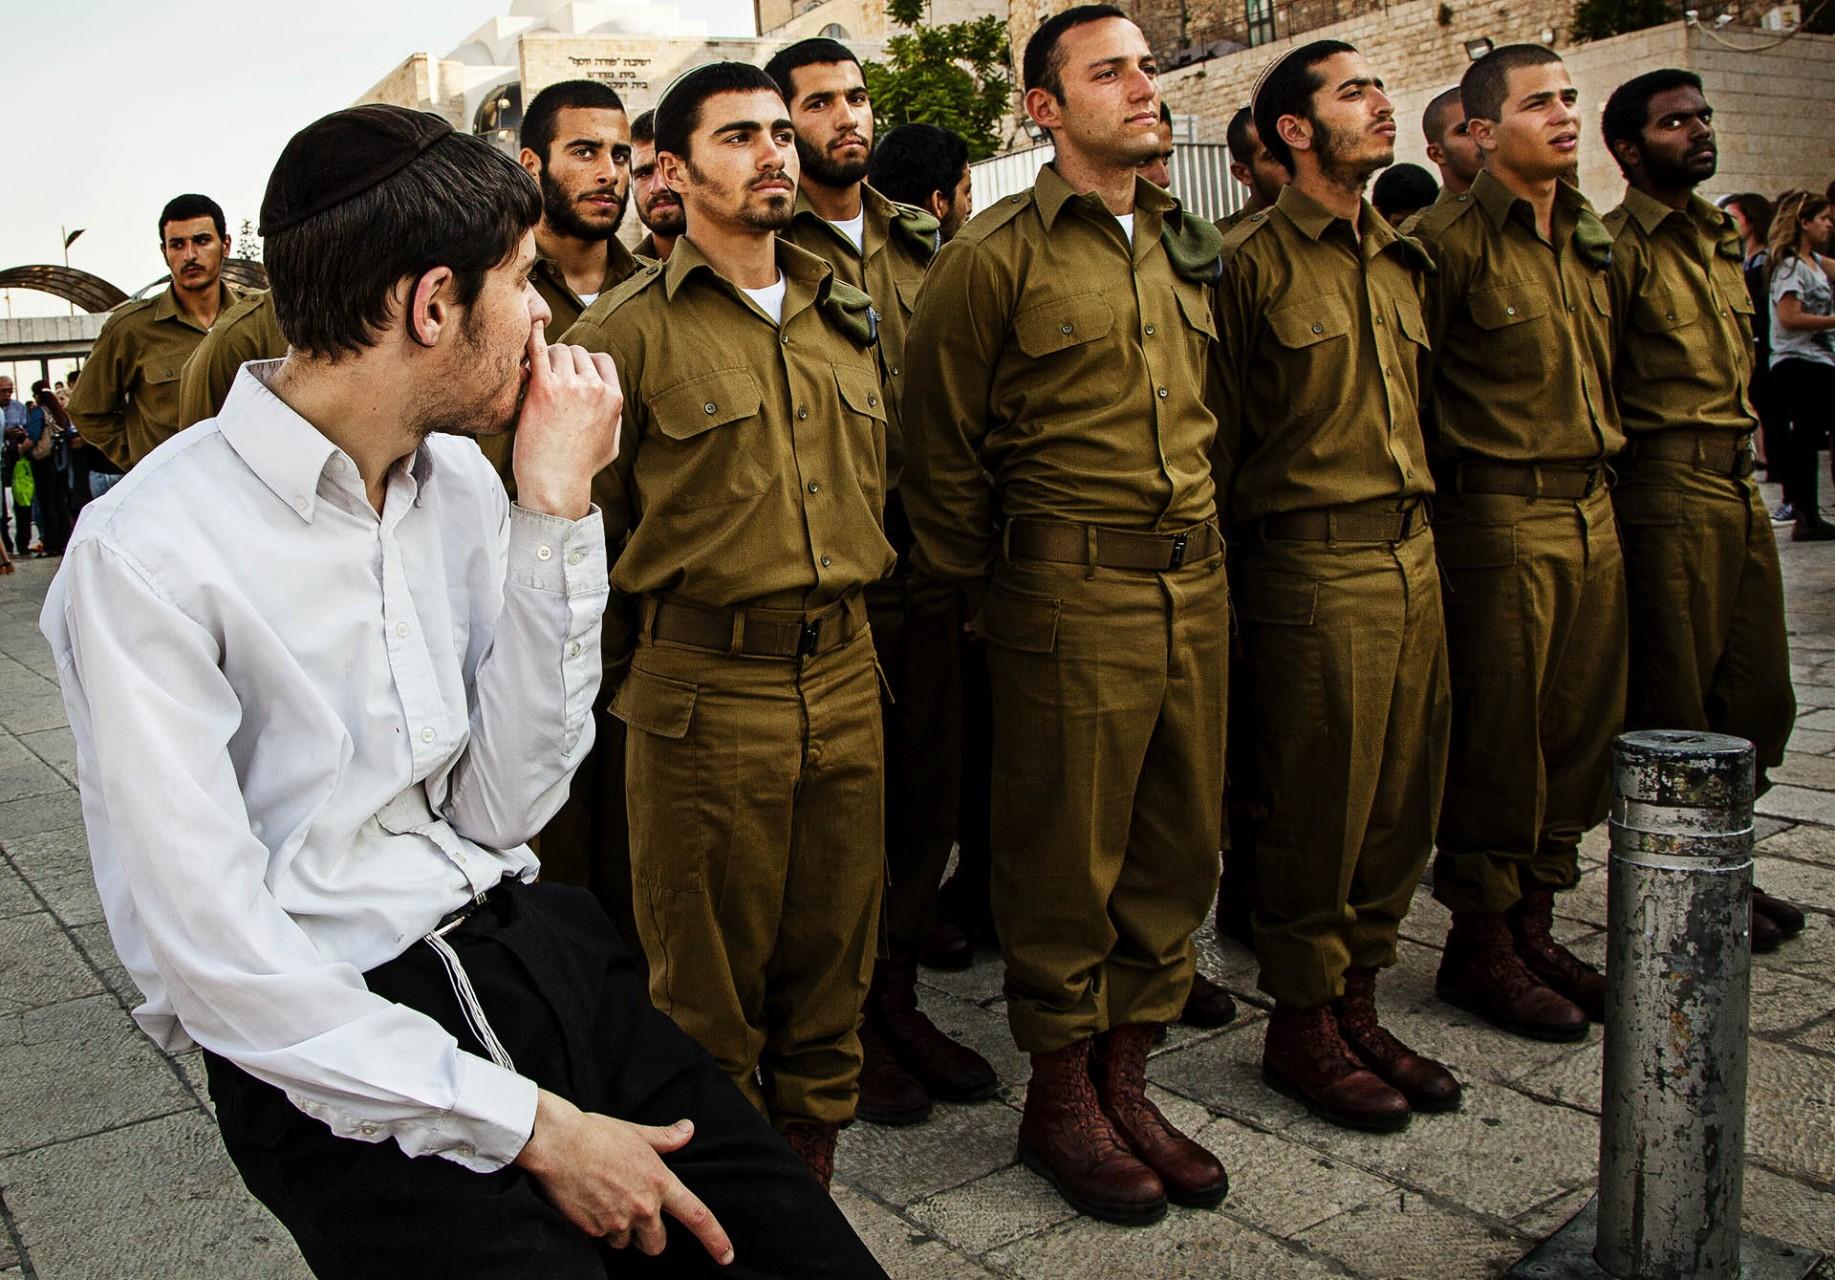 El servicio militar es obligatorio para todos los hombres israelís al menos durante 3 años.